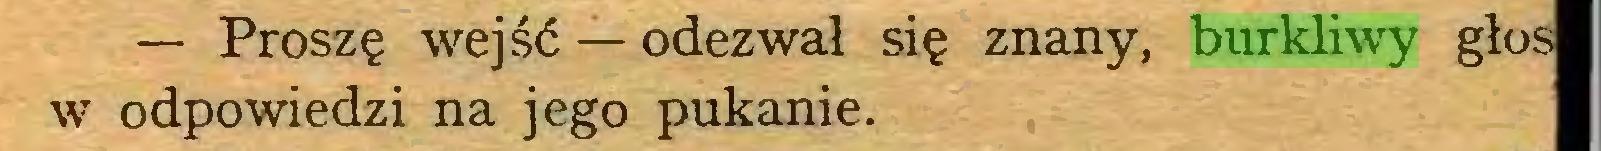 (...) — Proszę wejść — odezwał się znany, burkliwy głos w odpowiedzi na jego pukanie...